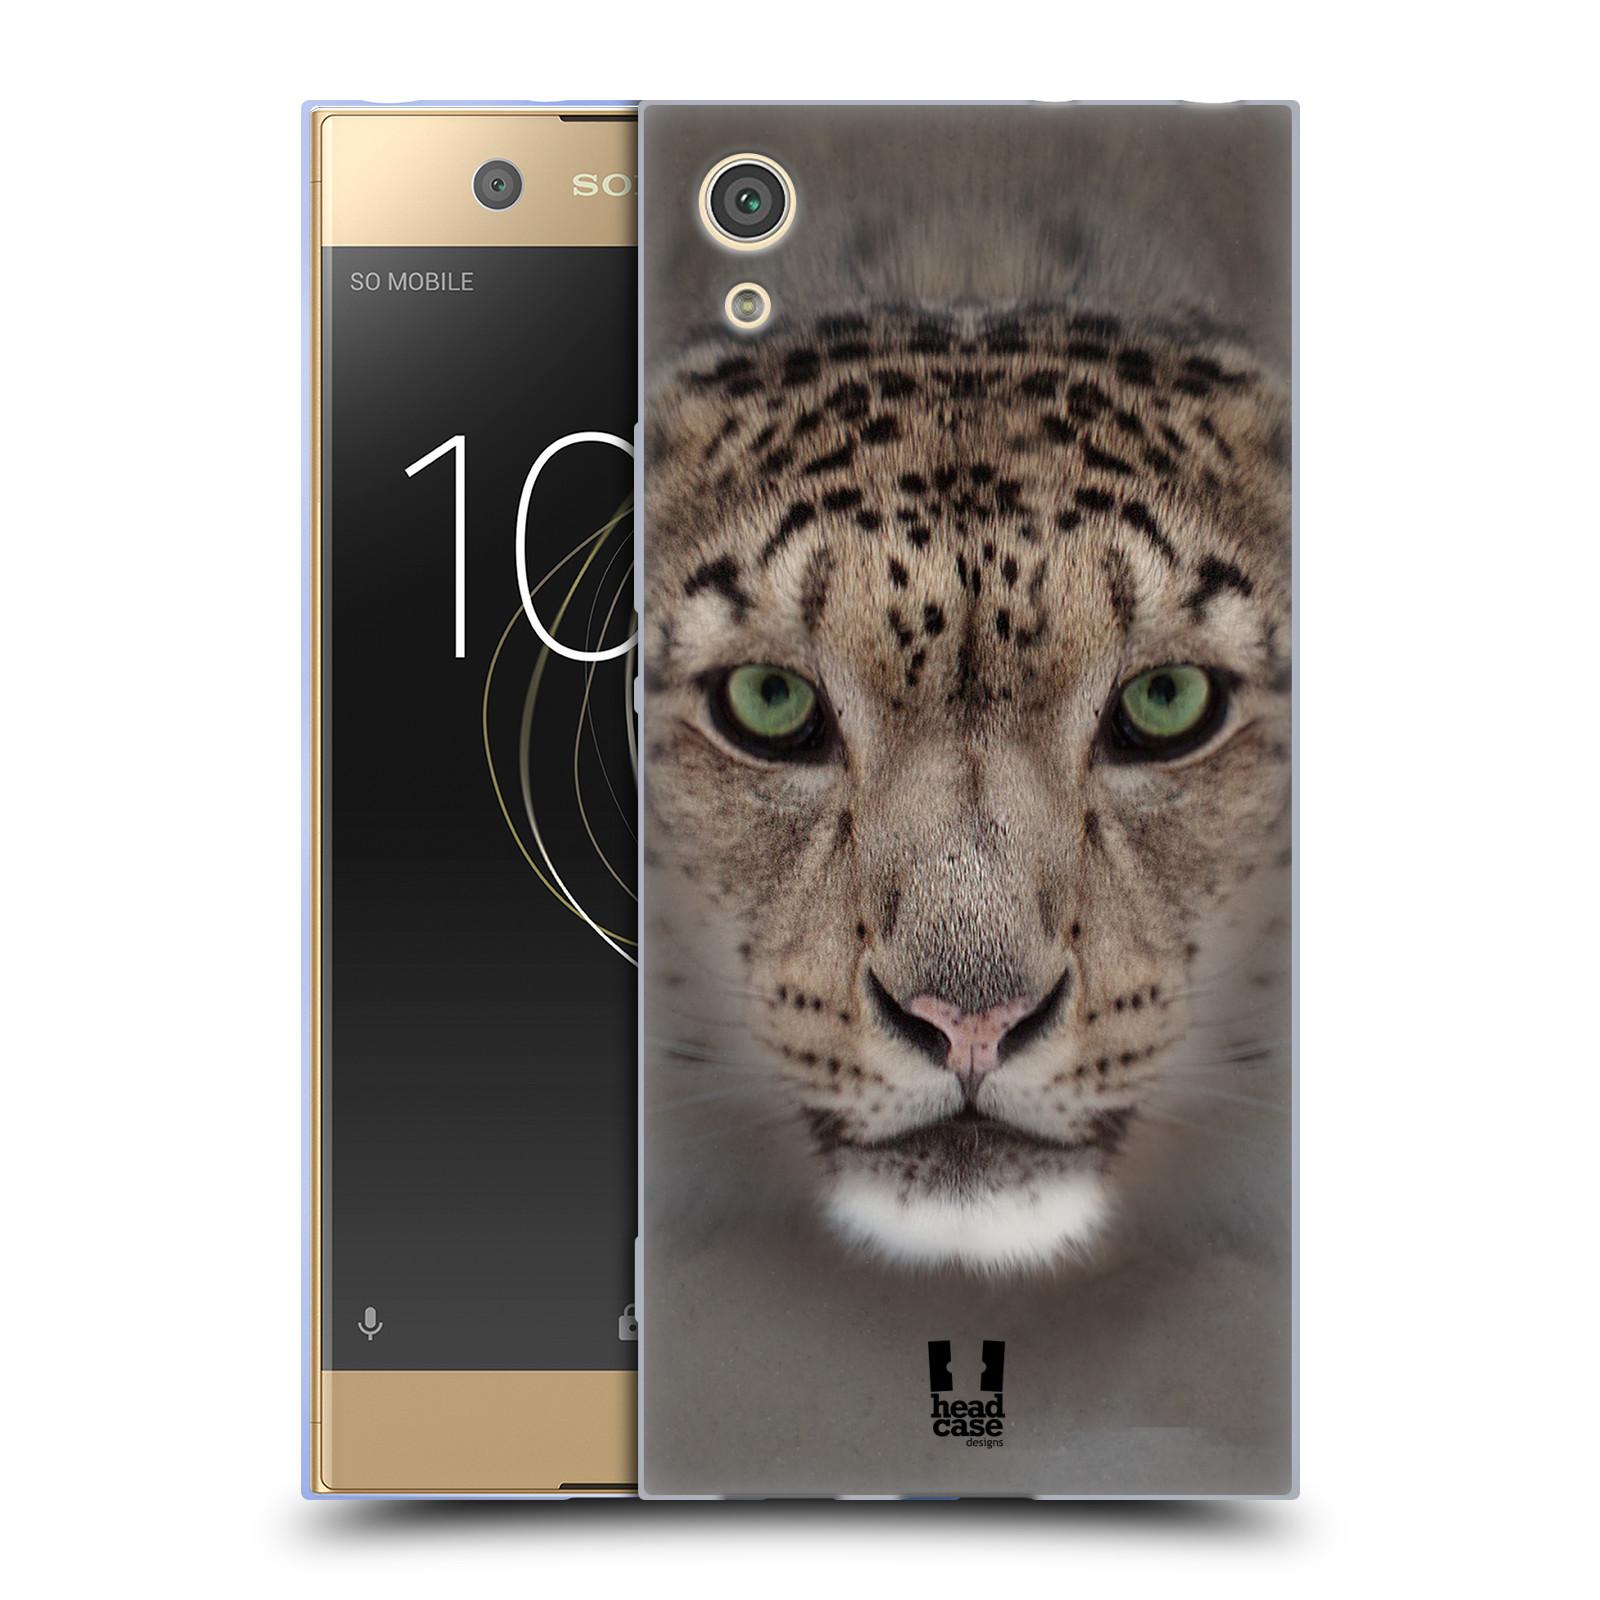 HEAD CASE silikonový obal na mobil Sony Xperia XA1 / XA1 DUAL SIM vzor Zvířecí tváře 2 sněžný leopard